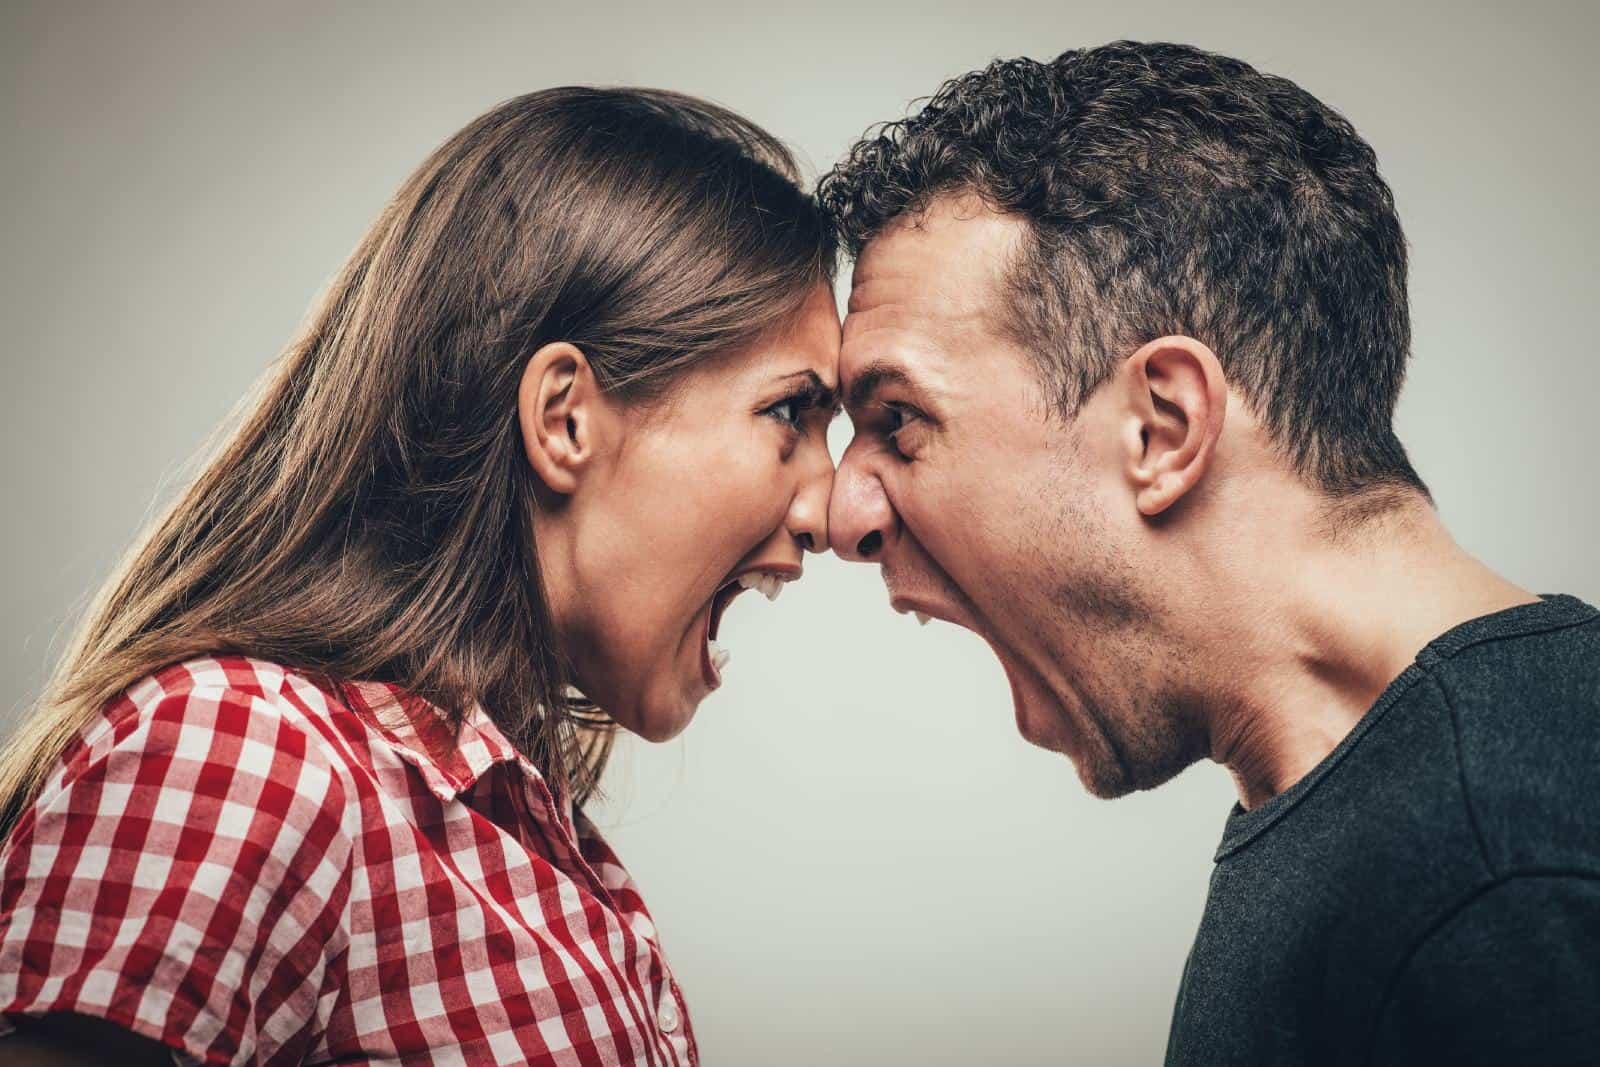 iliskilerde en sik yapilan hatalar İlişkilerde Yapılan En Büyük 5 Hata